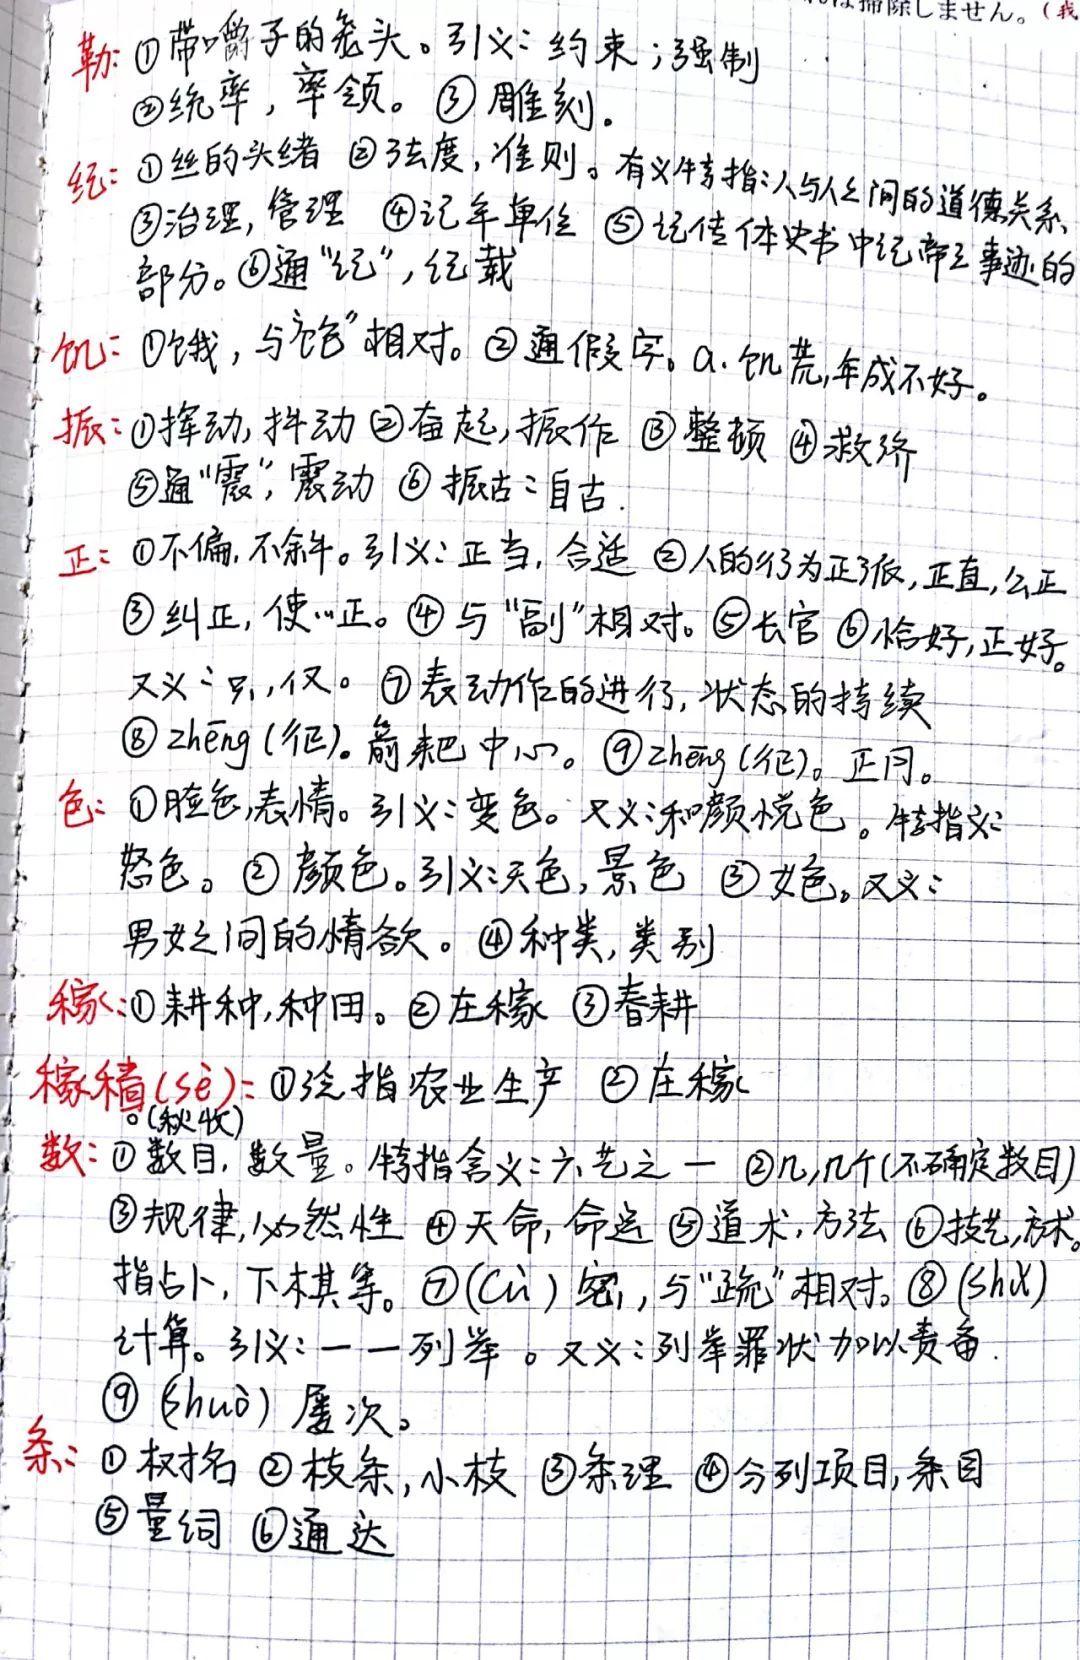 海南省902分北大学霸:我总结的文科高考复习攻略都在这里!